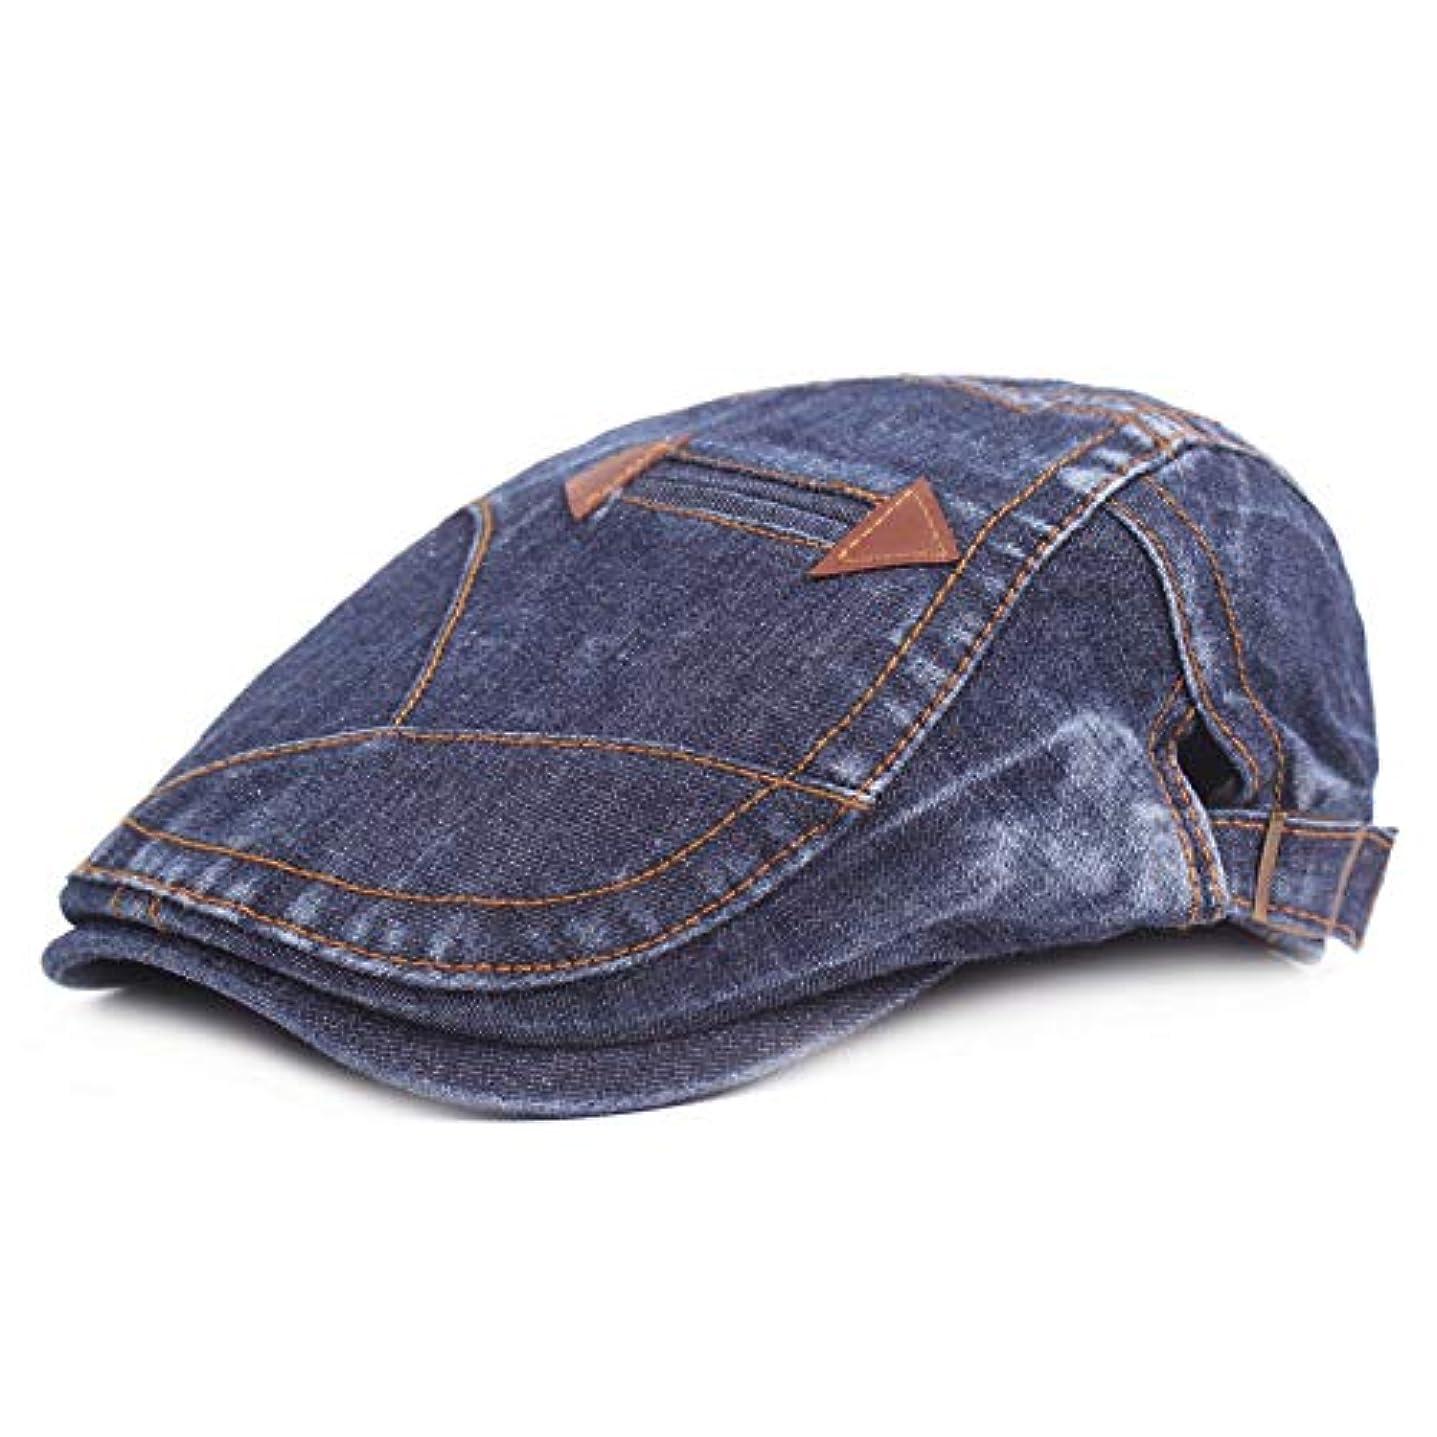 視聴者暴動一致するベレー帽 ユニセックス おしゃれ 綿 ハンチング帽子 紫外線対策調節可能 日よけ 帽子